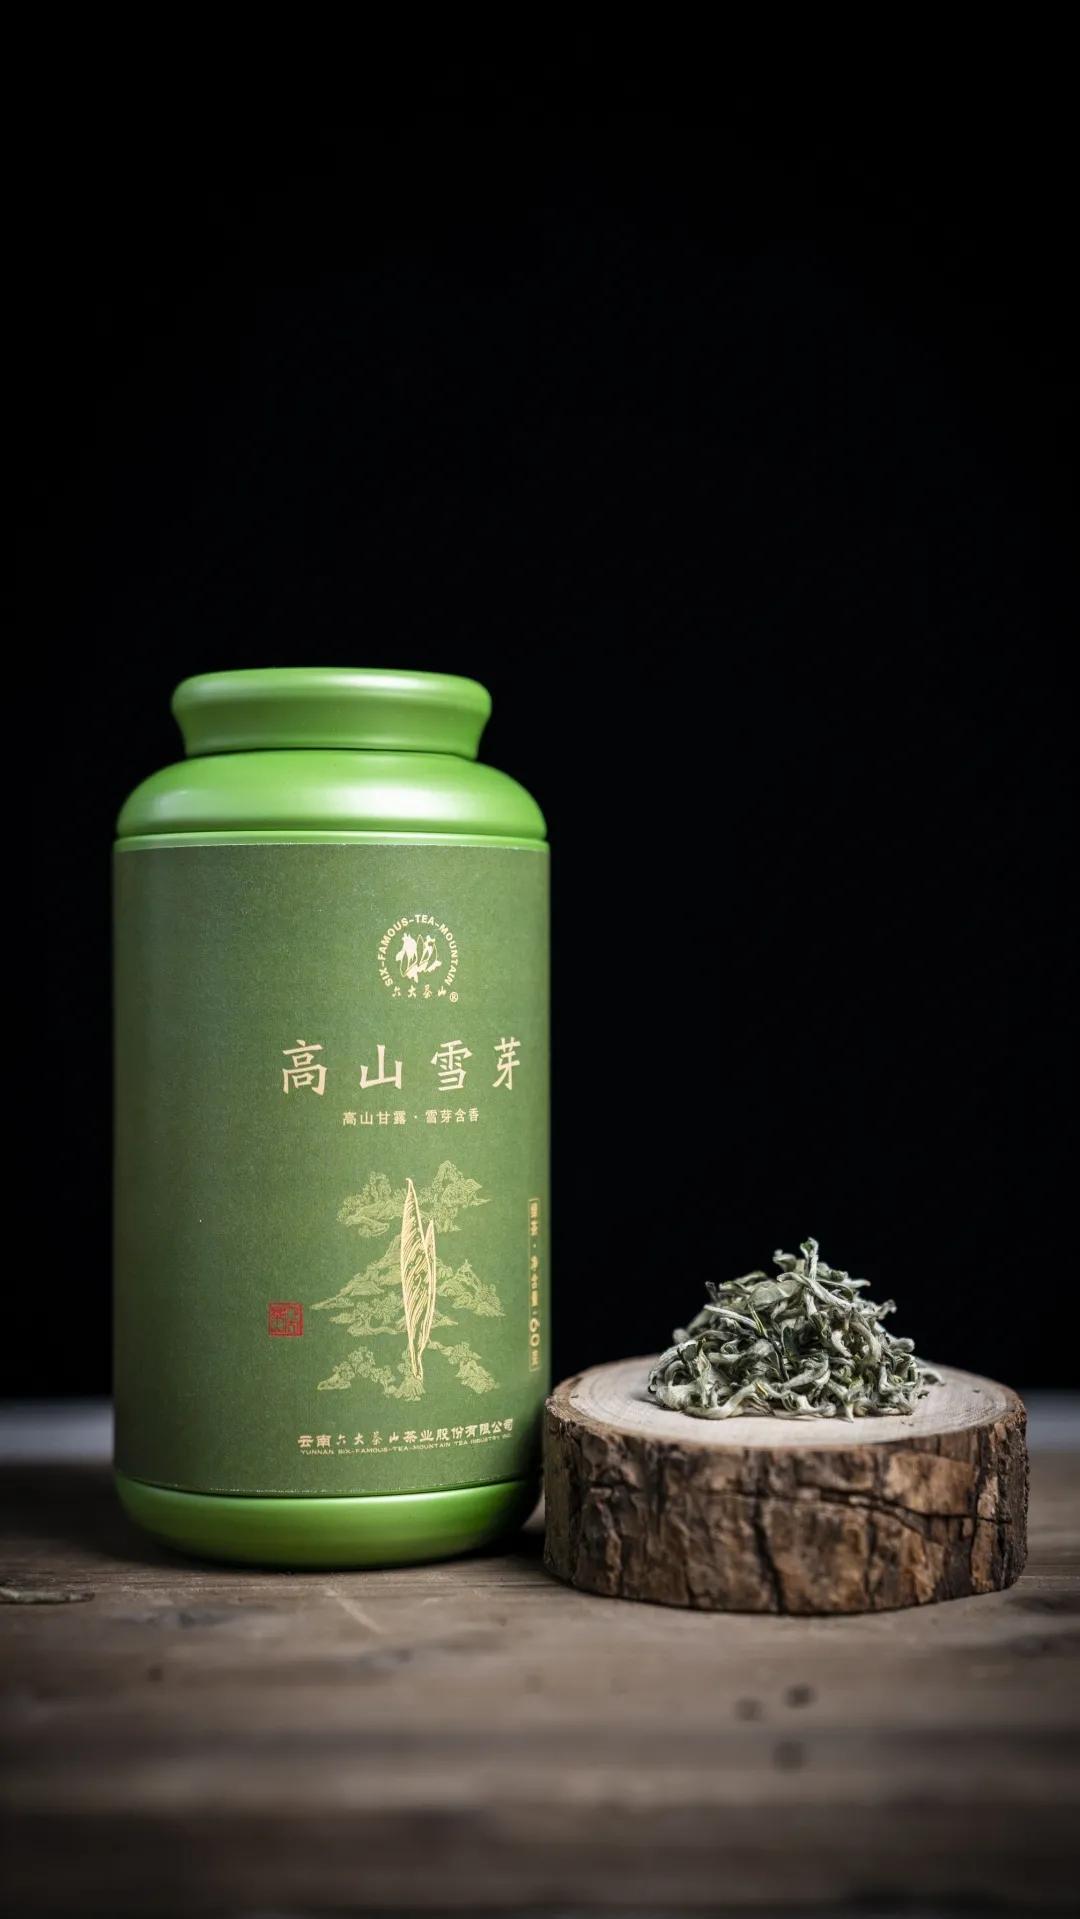 2021年最令人期待的绿茶